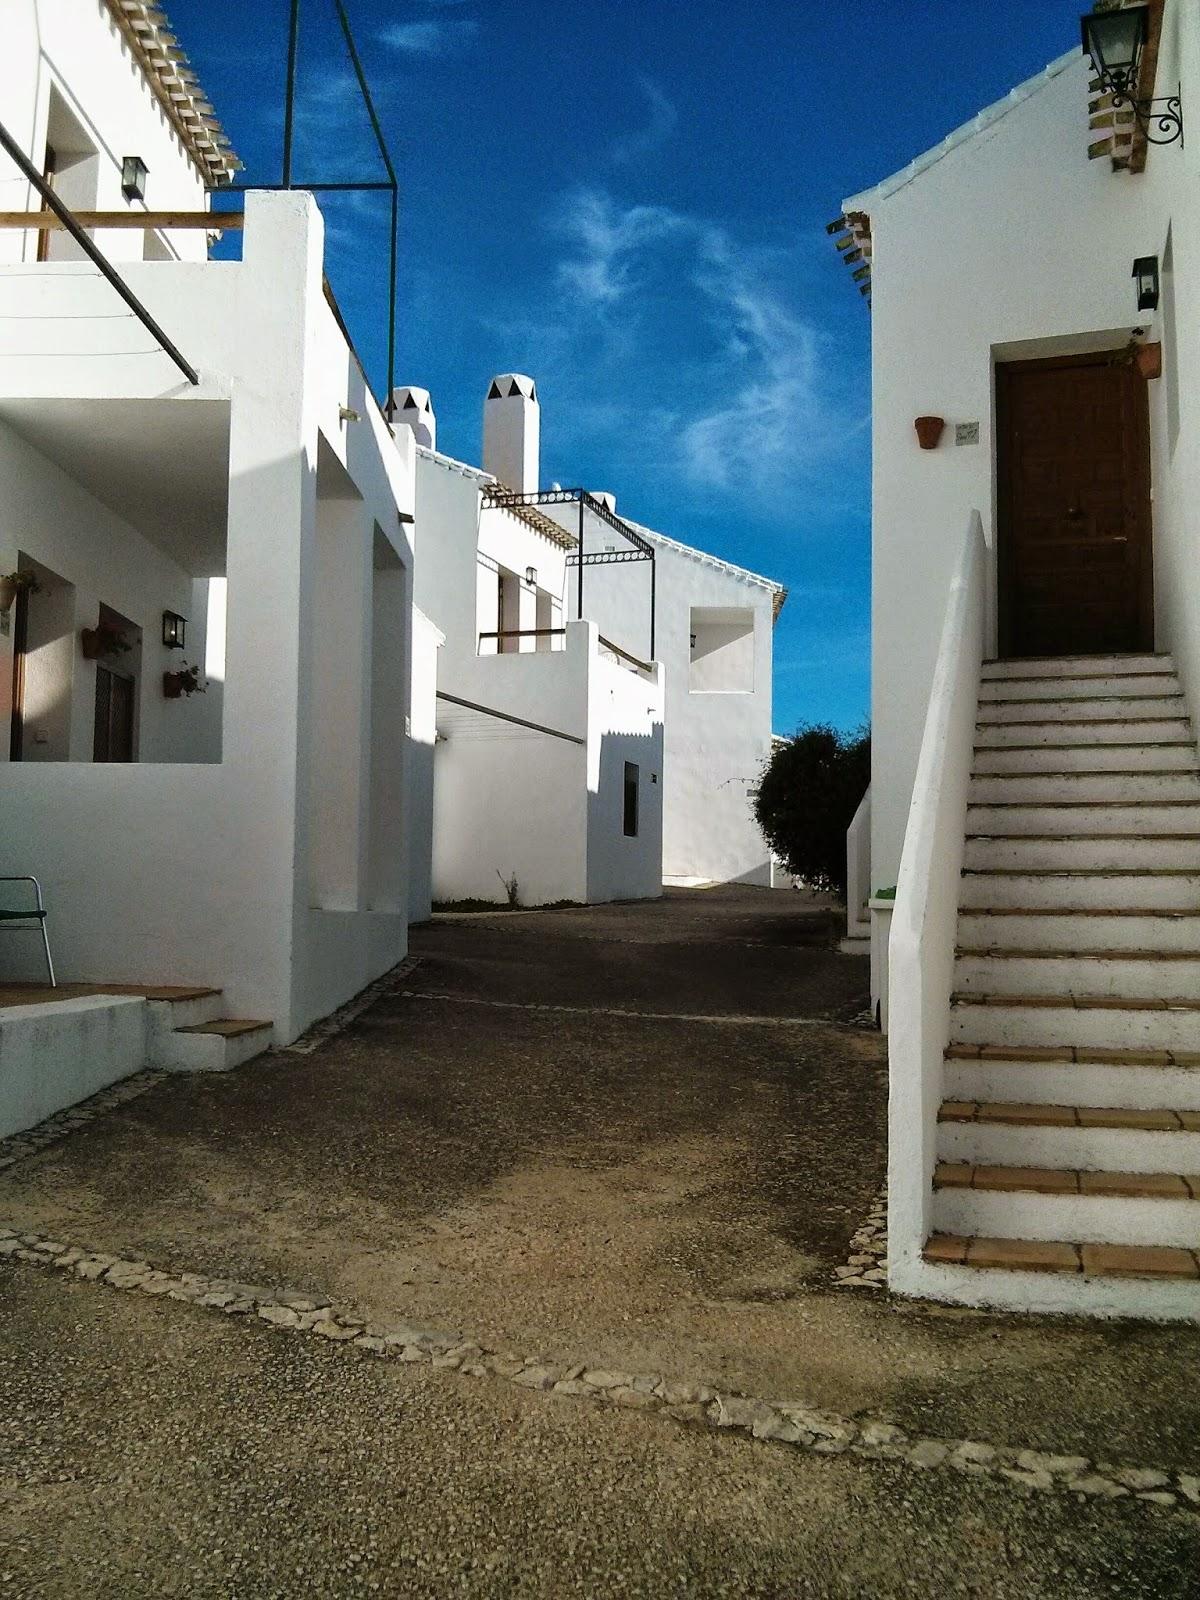 Villa Turística de Priego - Calle de la Cuesta